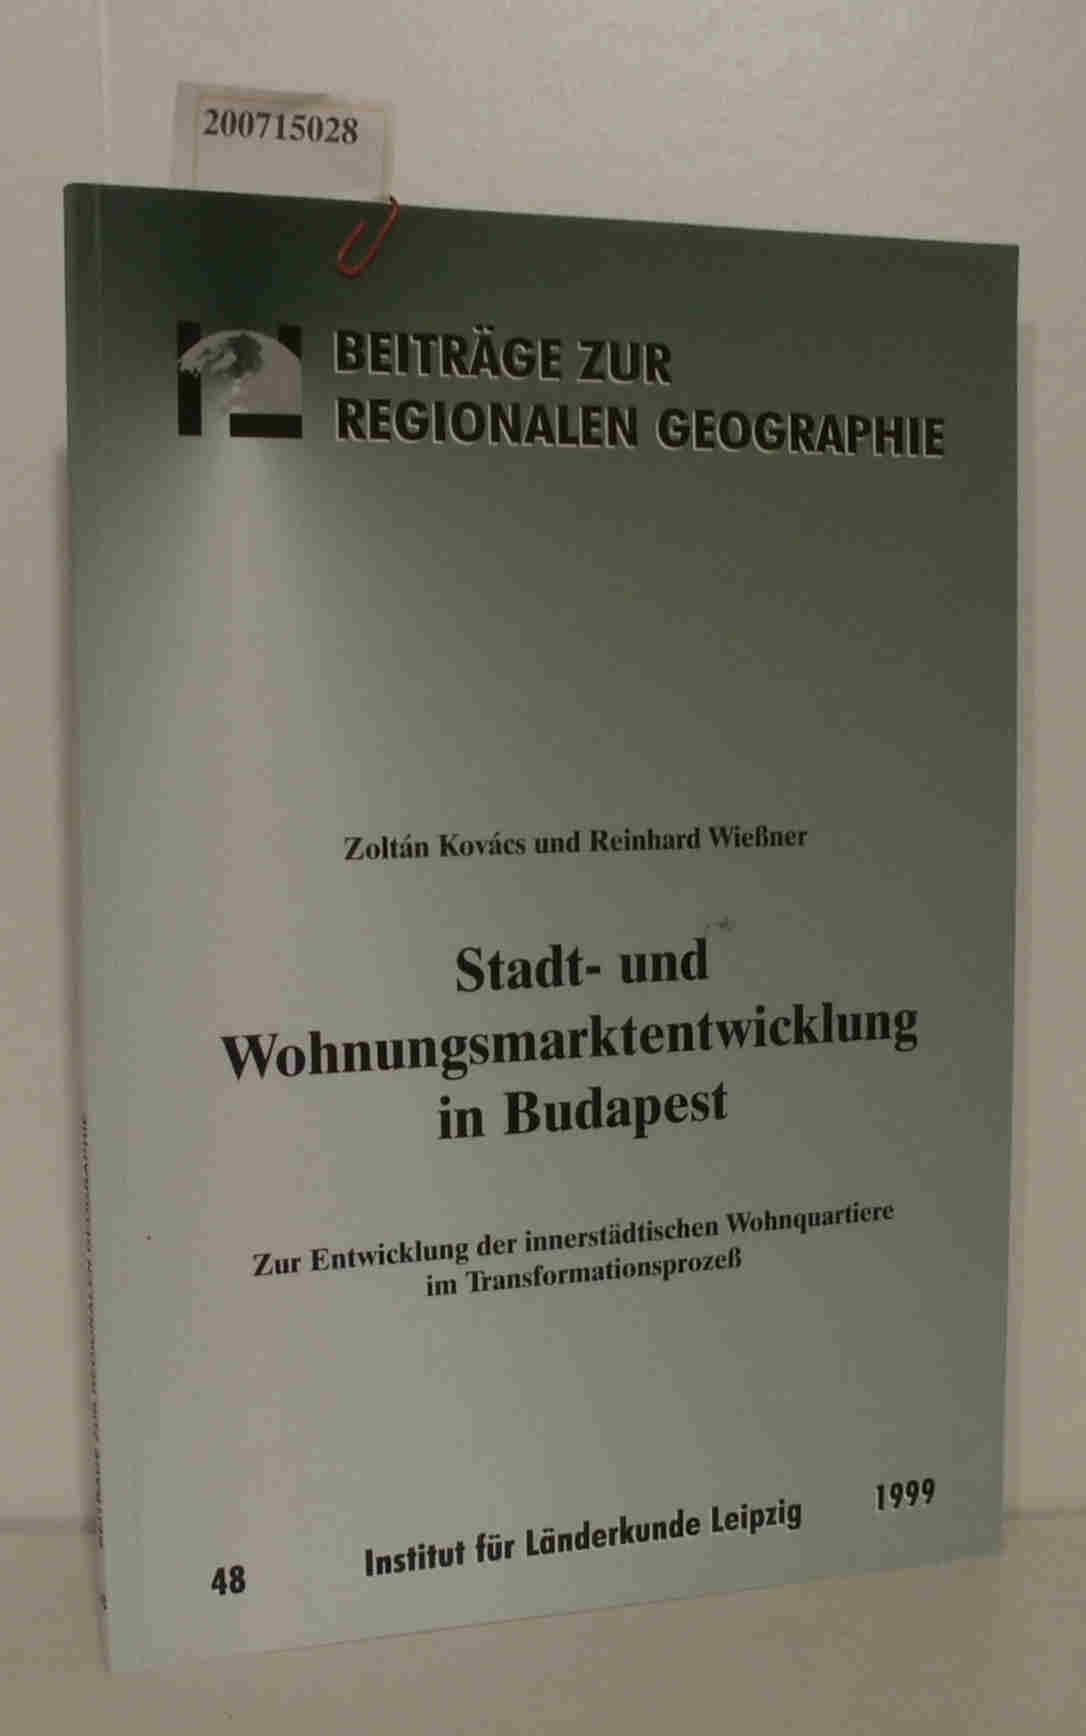 Stadt- u. Wohnungsmarktentwicklung in Budabest Zur Entwicklung der innerstädtischen Wohnquartiere im Transformationsprozeß.